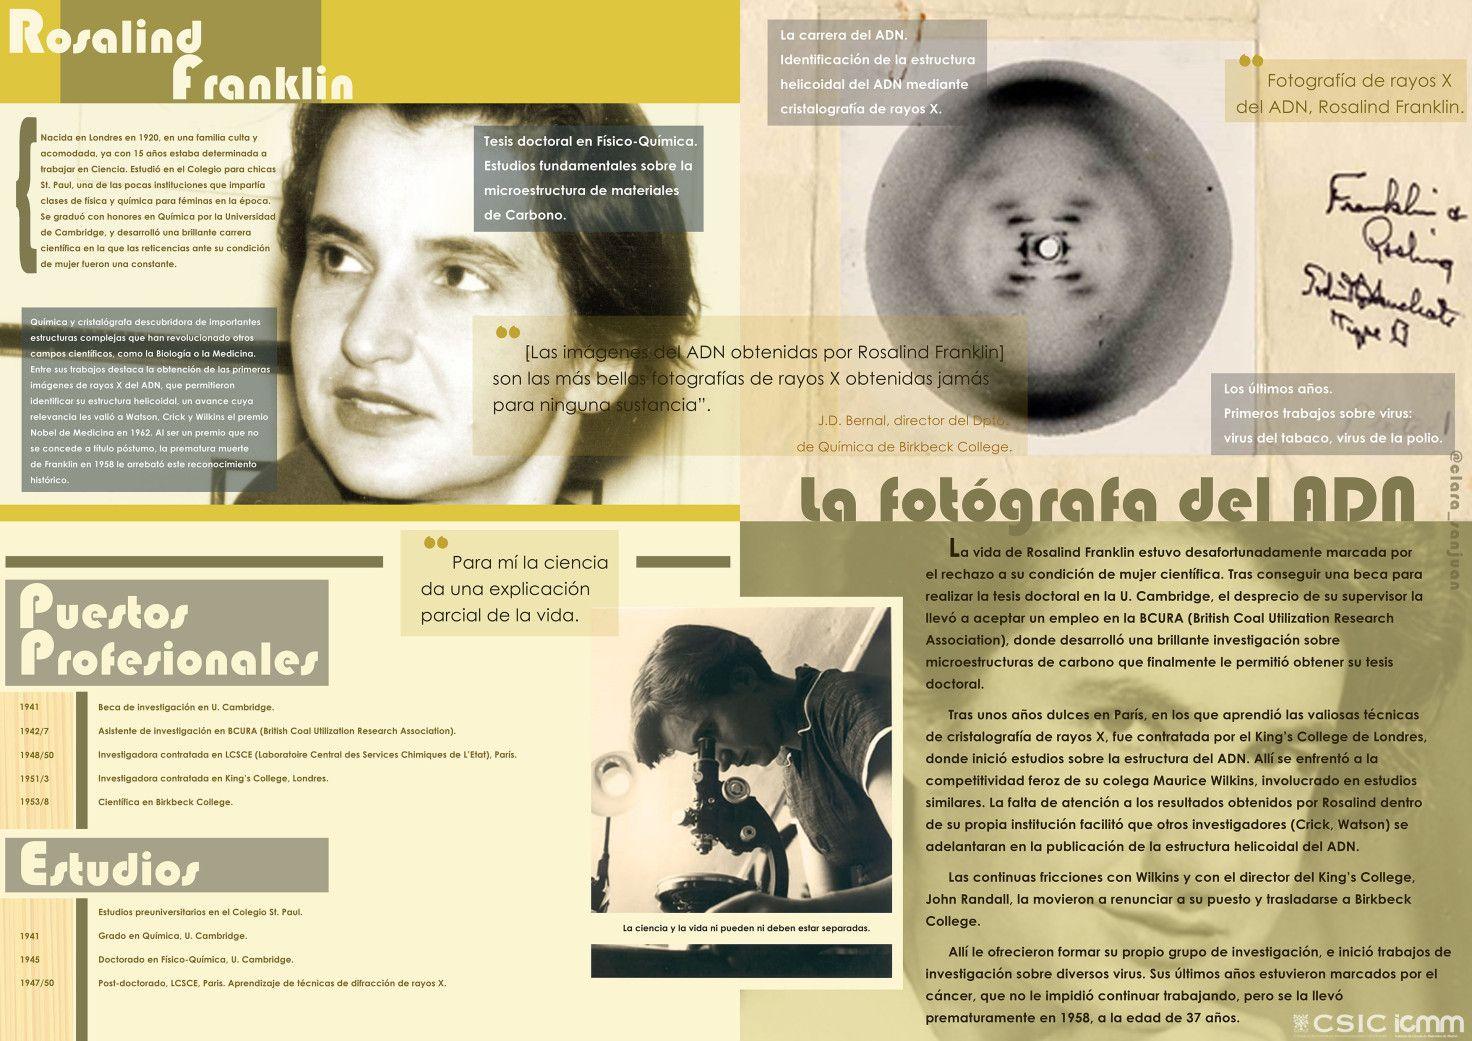 Realizados por Clara San Juan, Silvia Gallego y Eduardo Hernández del ICMM-CSIC.